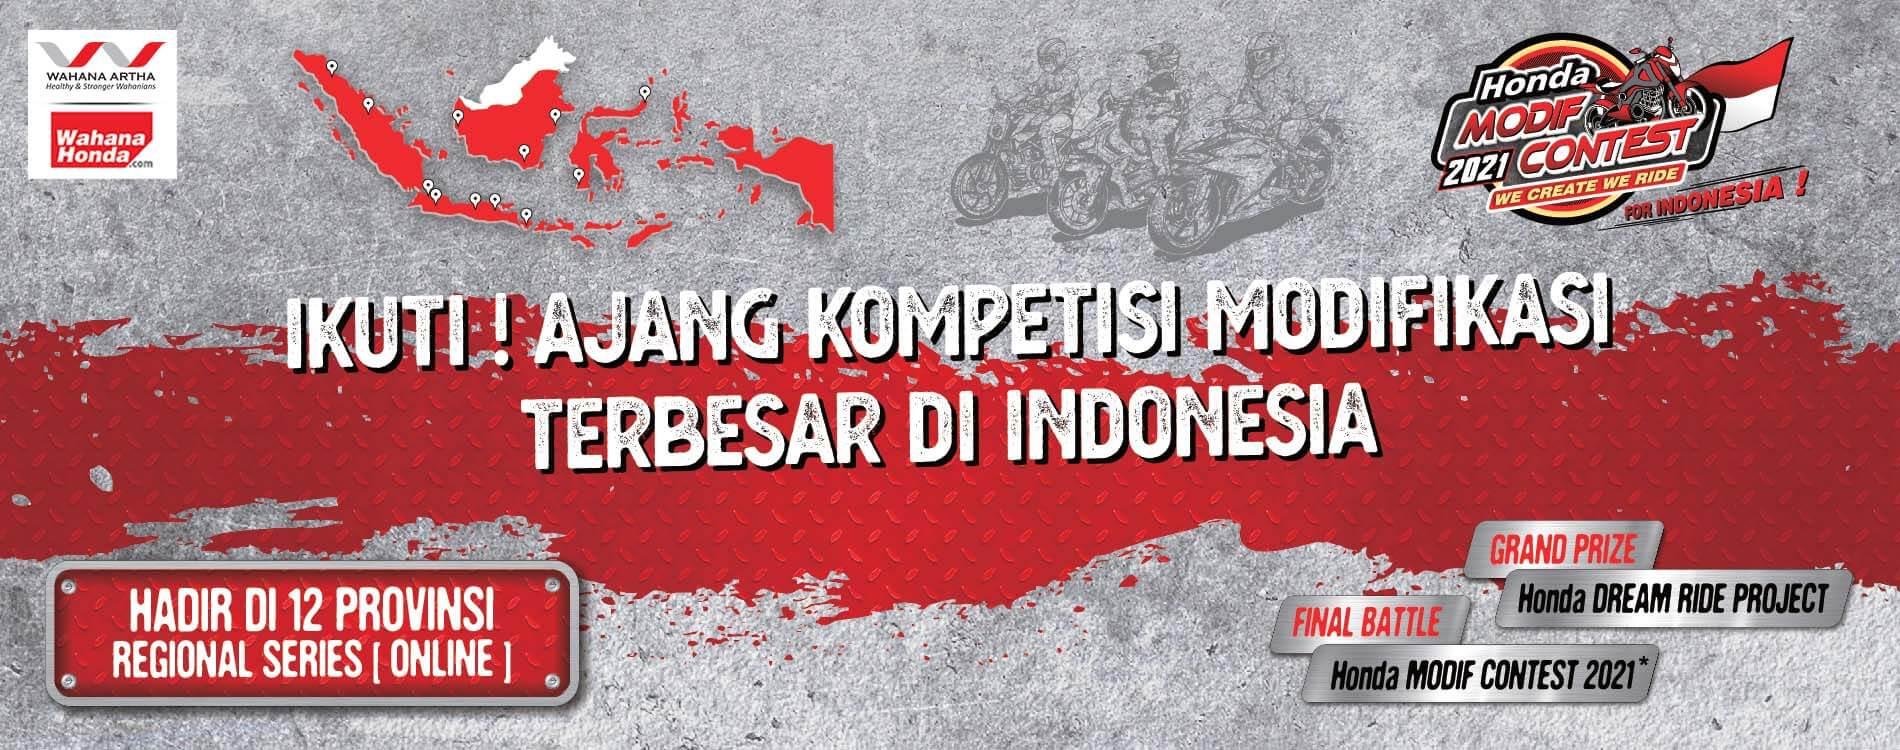 Honda Modif Contest (HMC) 2021